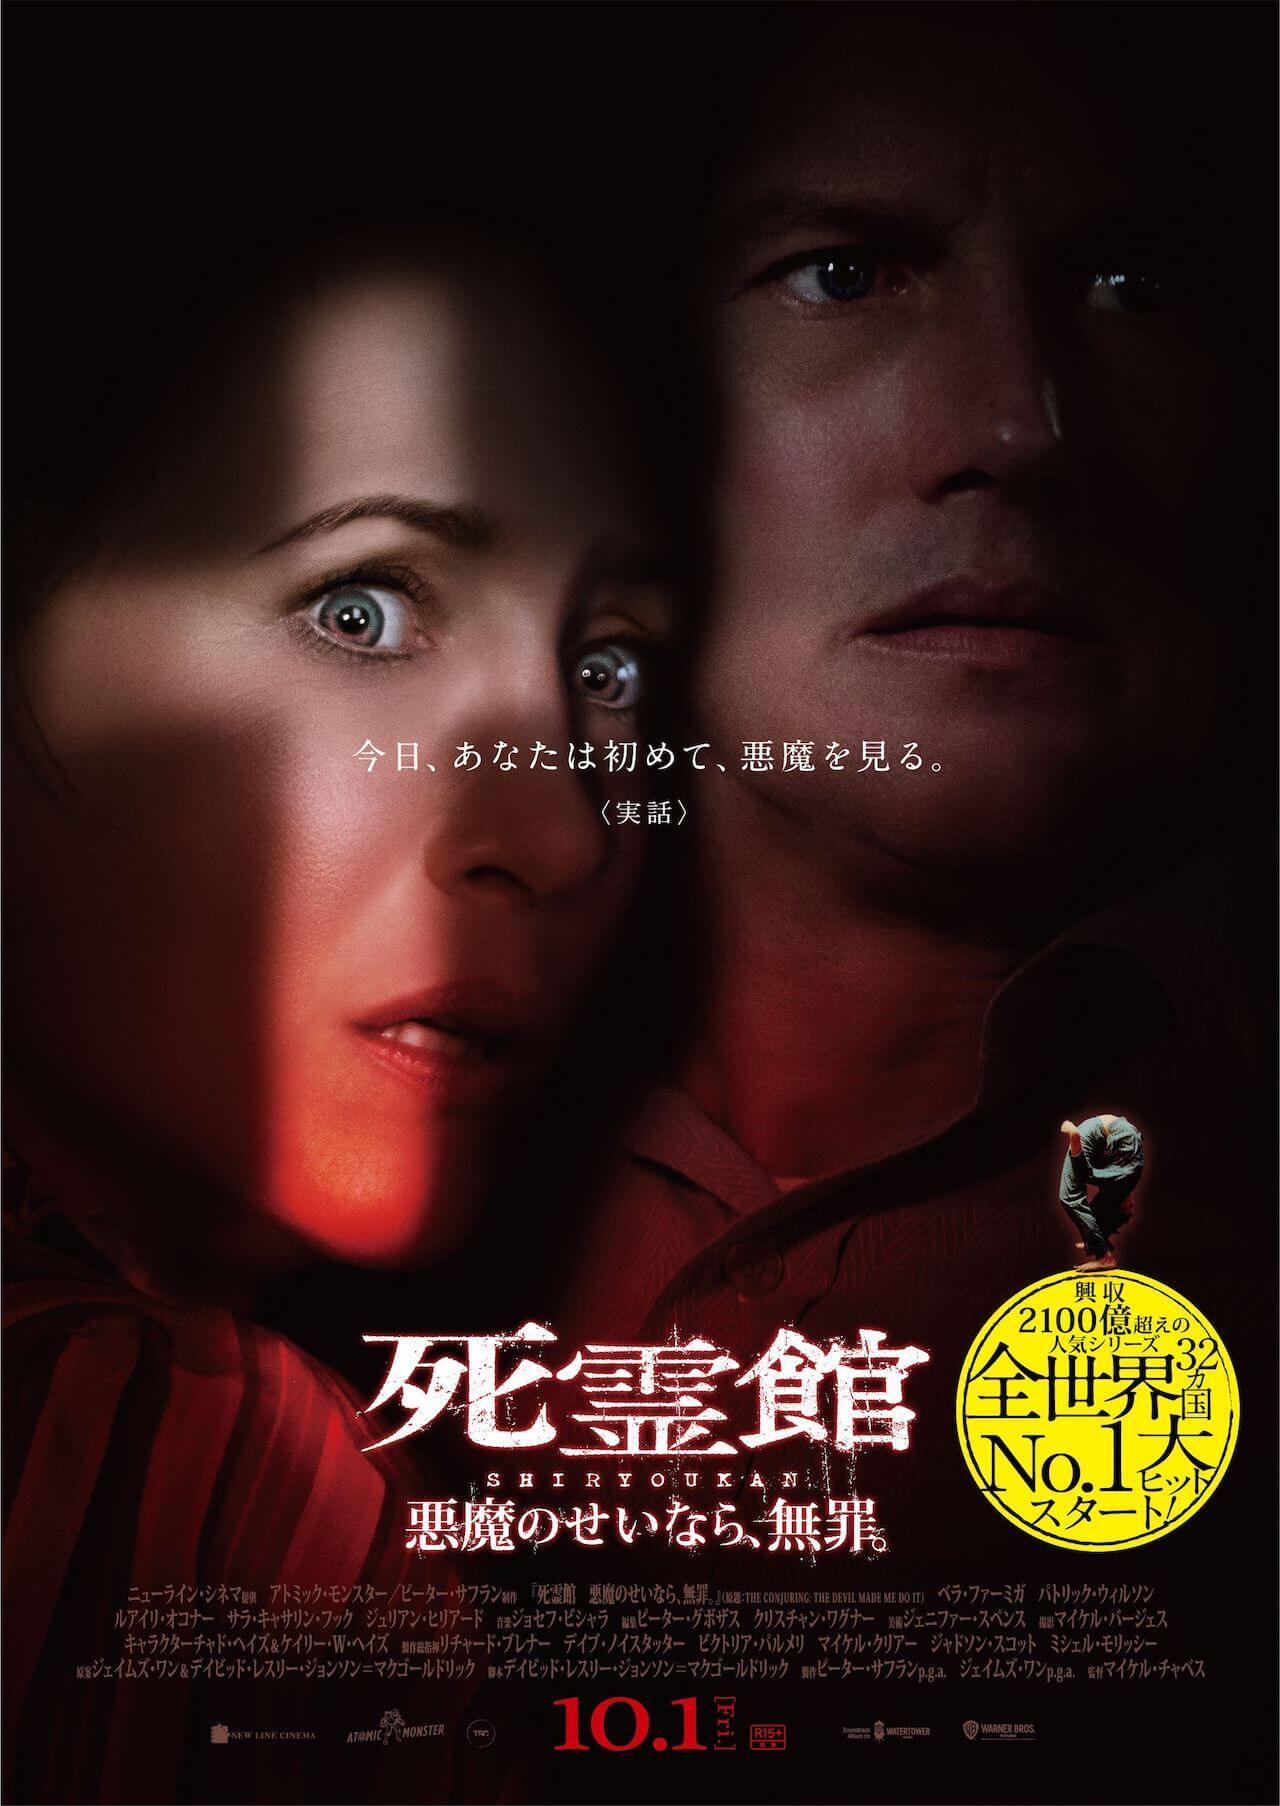 「死霊館」ユニバース全7作 累計世界興収20億ドル超え!最新作『死霊館 悪魔のせいなら、無罪。』は10月公開 film210802-shiryoukan-muzai-1